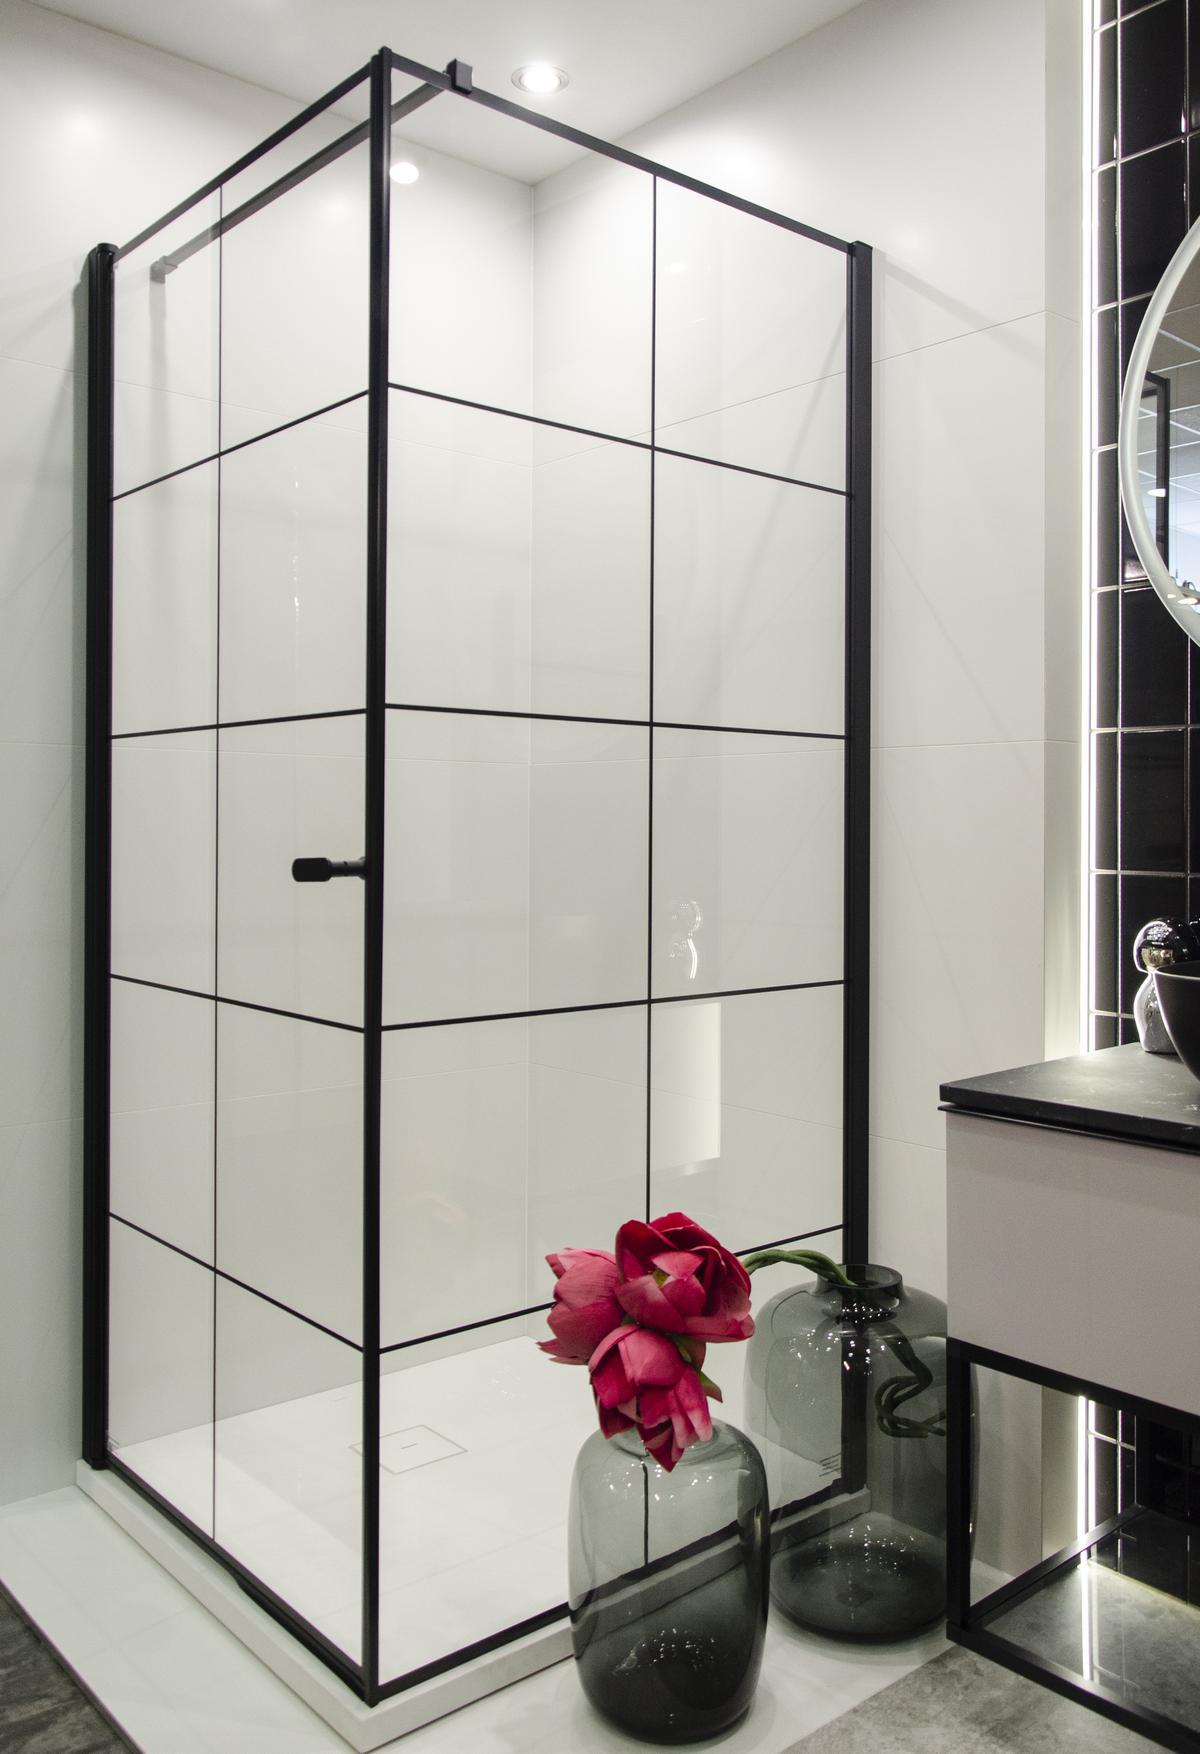 Czarna kabina prysznicowa w industrialnym stylu - zdjęcie od BLU salon łazienek Koszalin